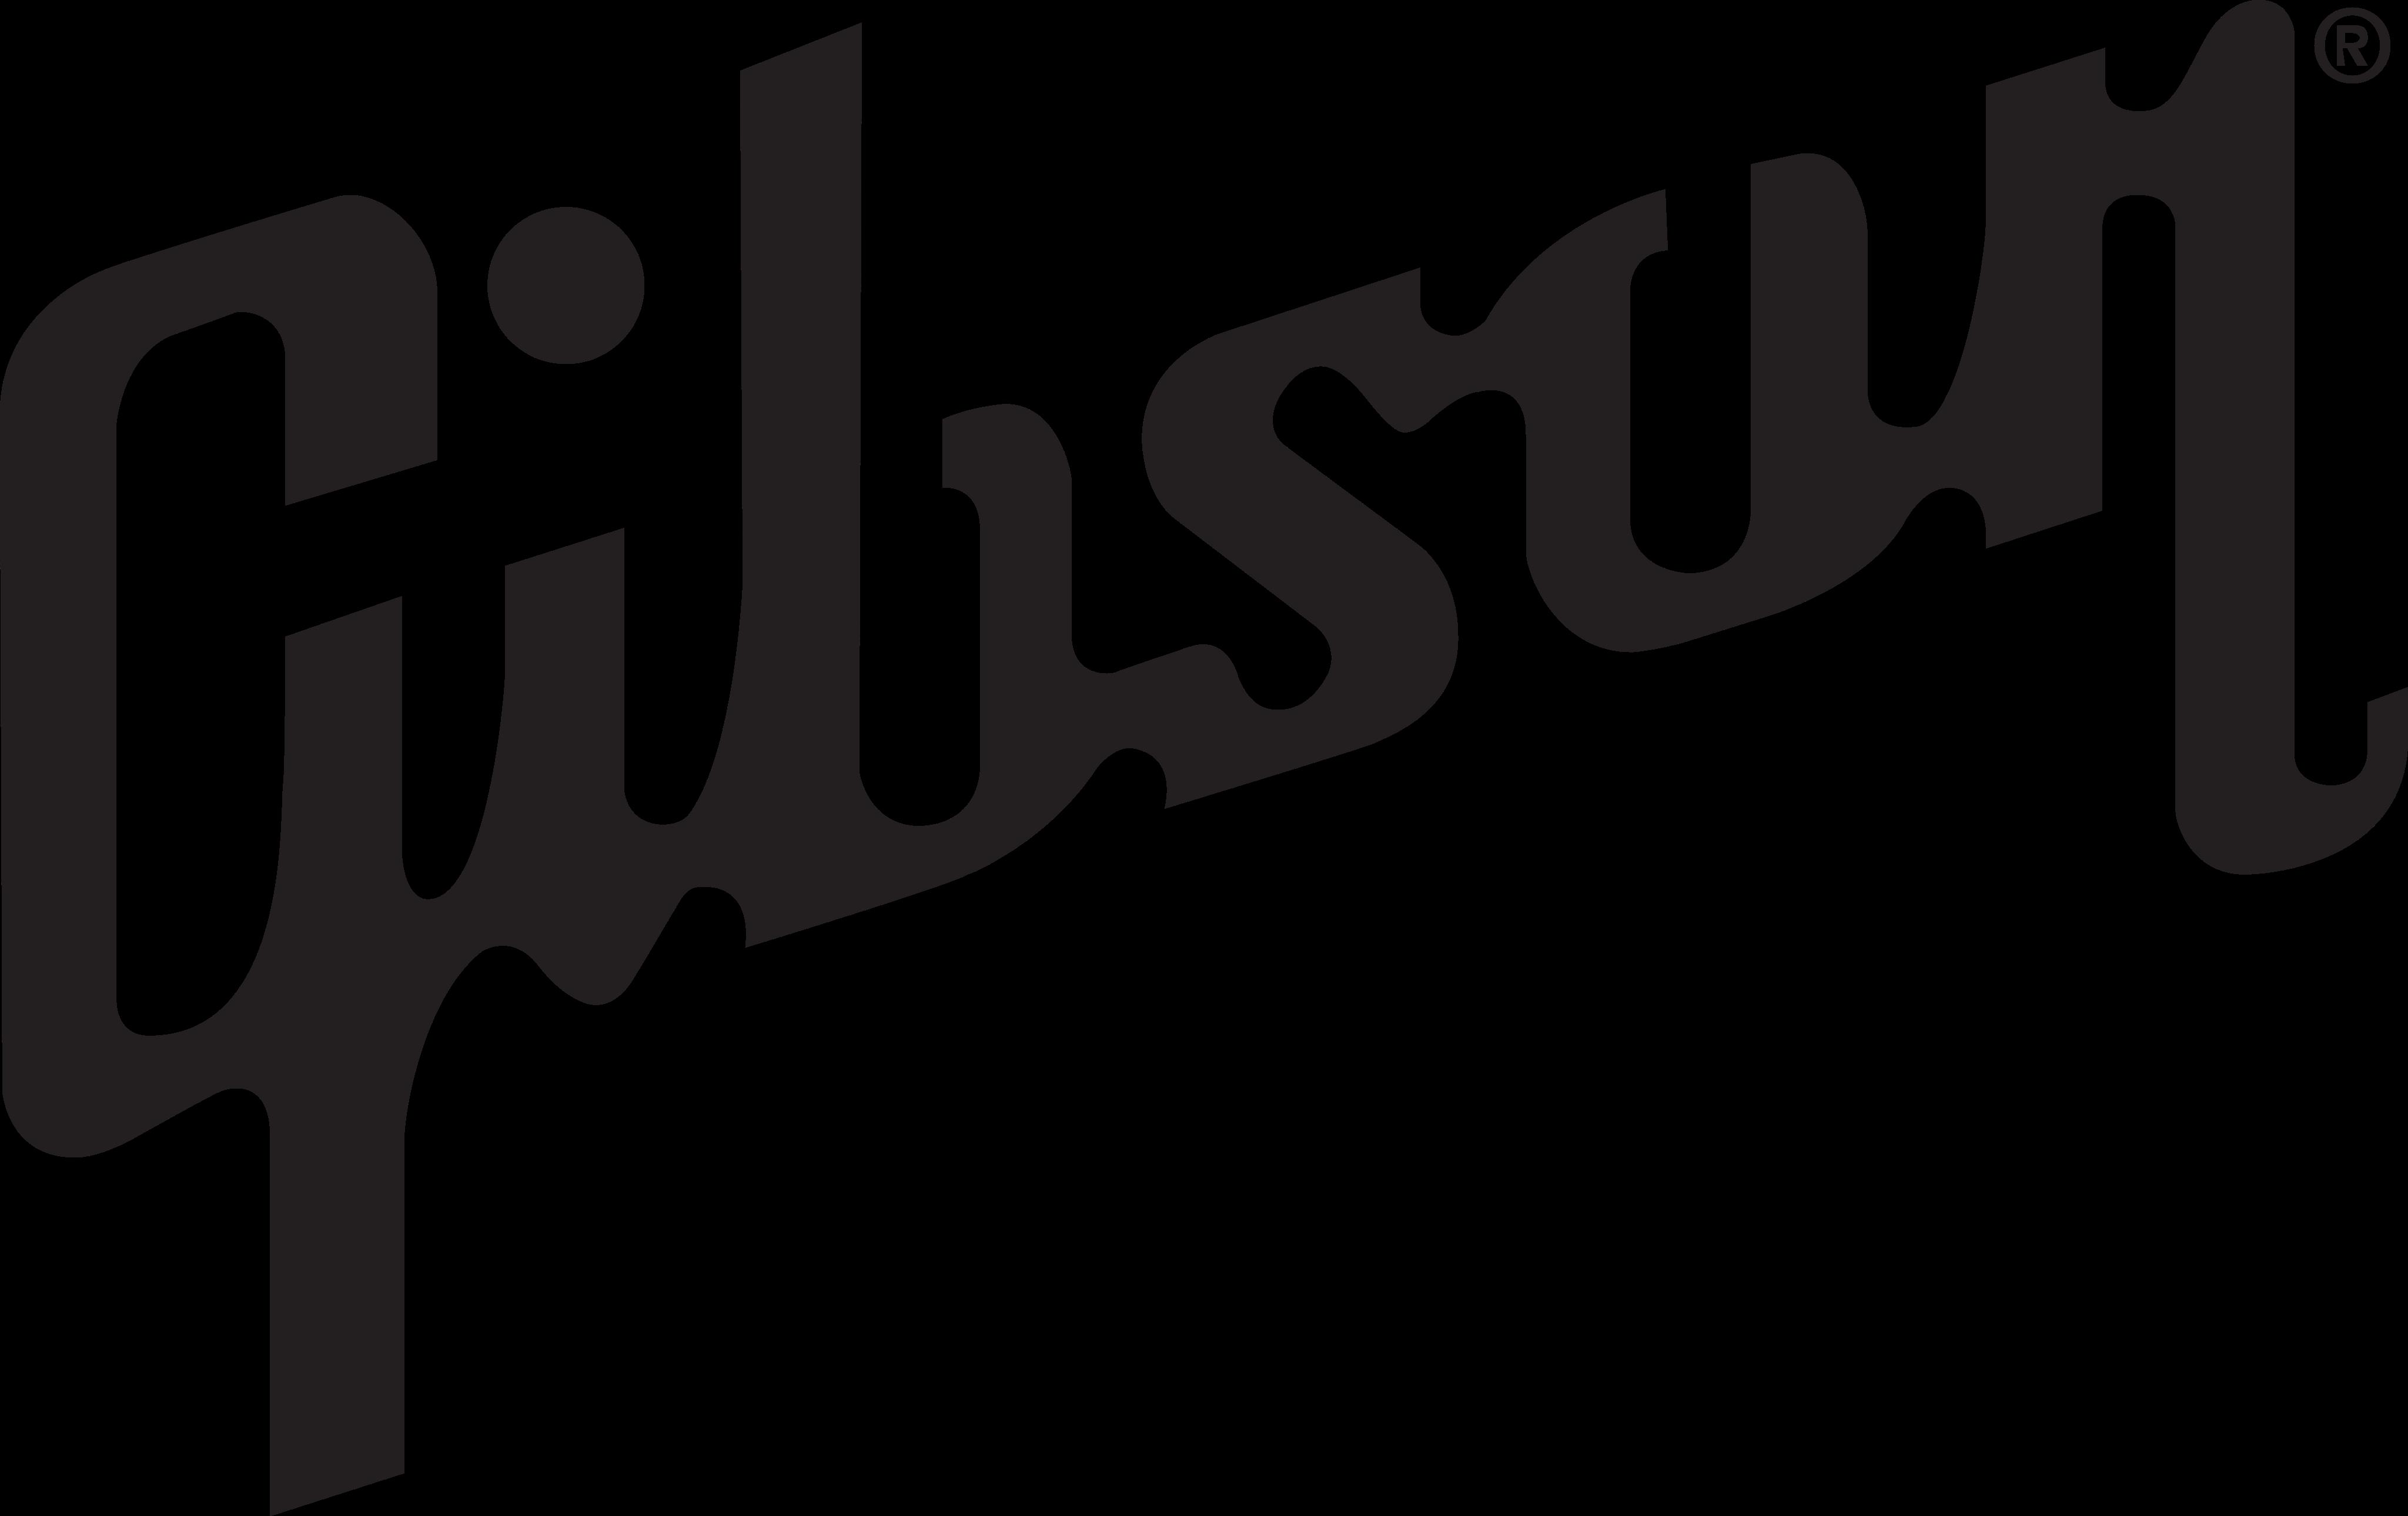 gibson logo 1 - Gibson Logo